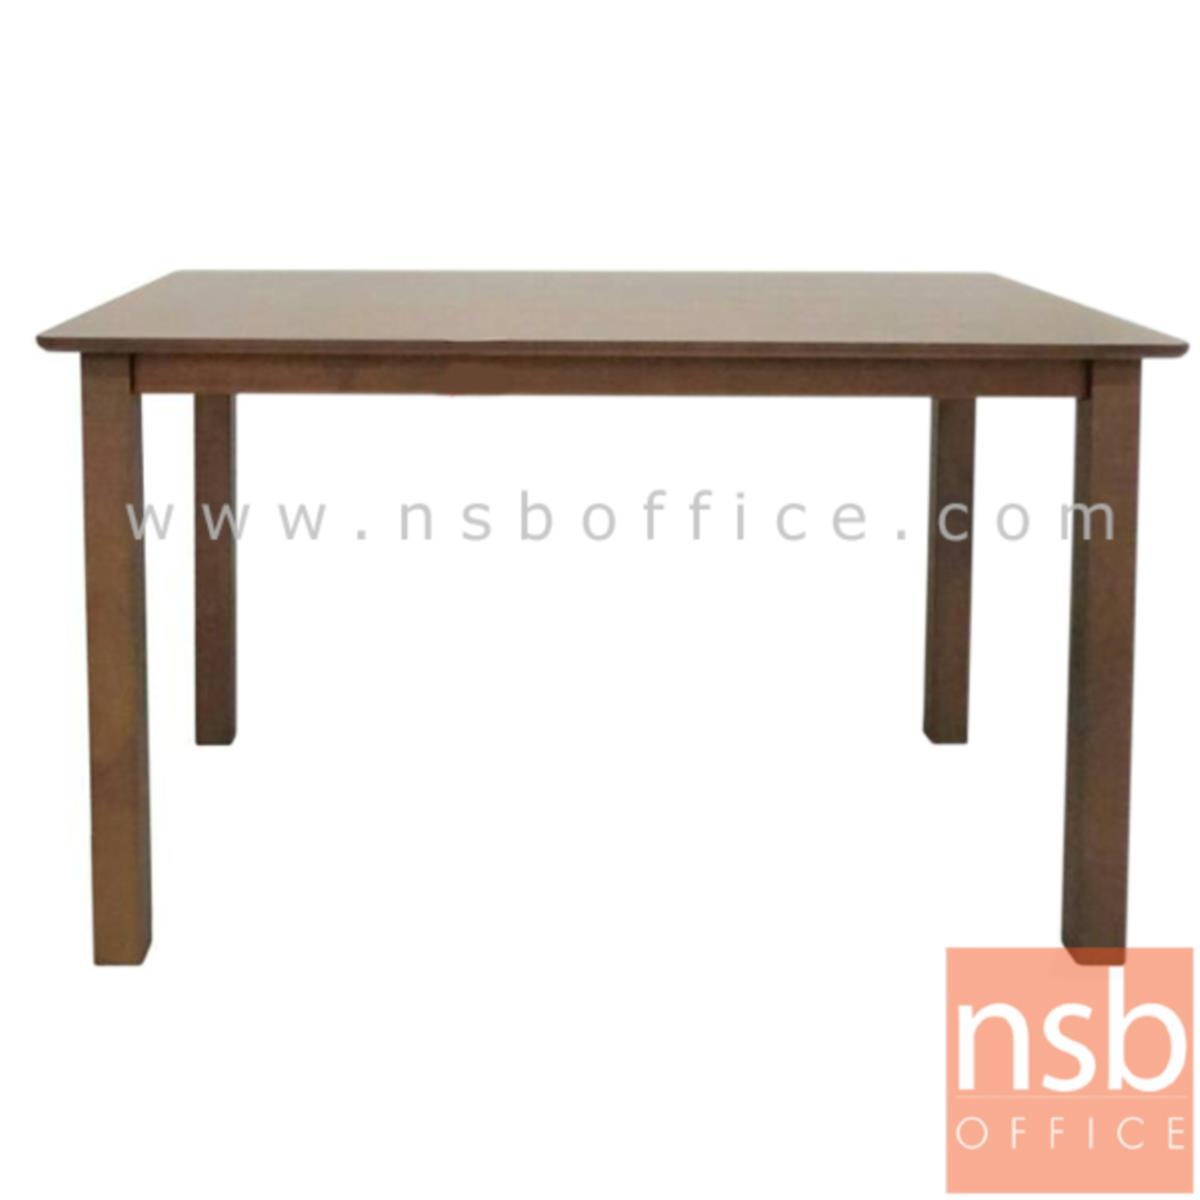 G14A118:โต๊ะรับประทานอาหารหน้าไม้ MDF รุ่น Gottex (ก็อทเท็กซ์) ขนาด 120W cm.